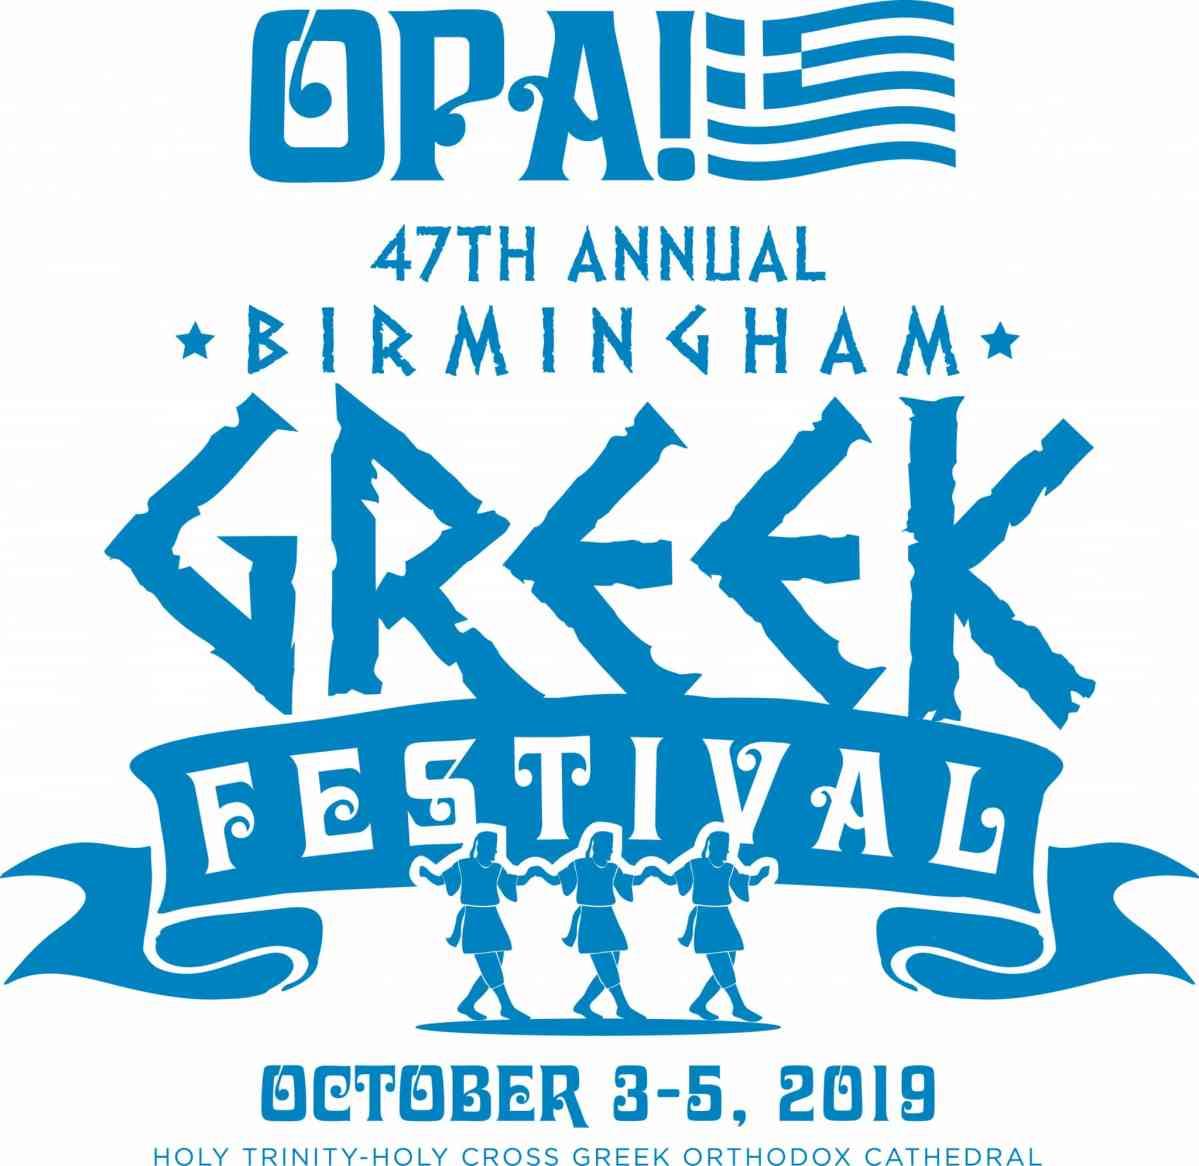 47th Annual Greek Food Festival